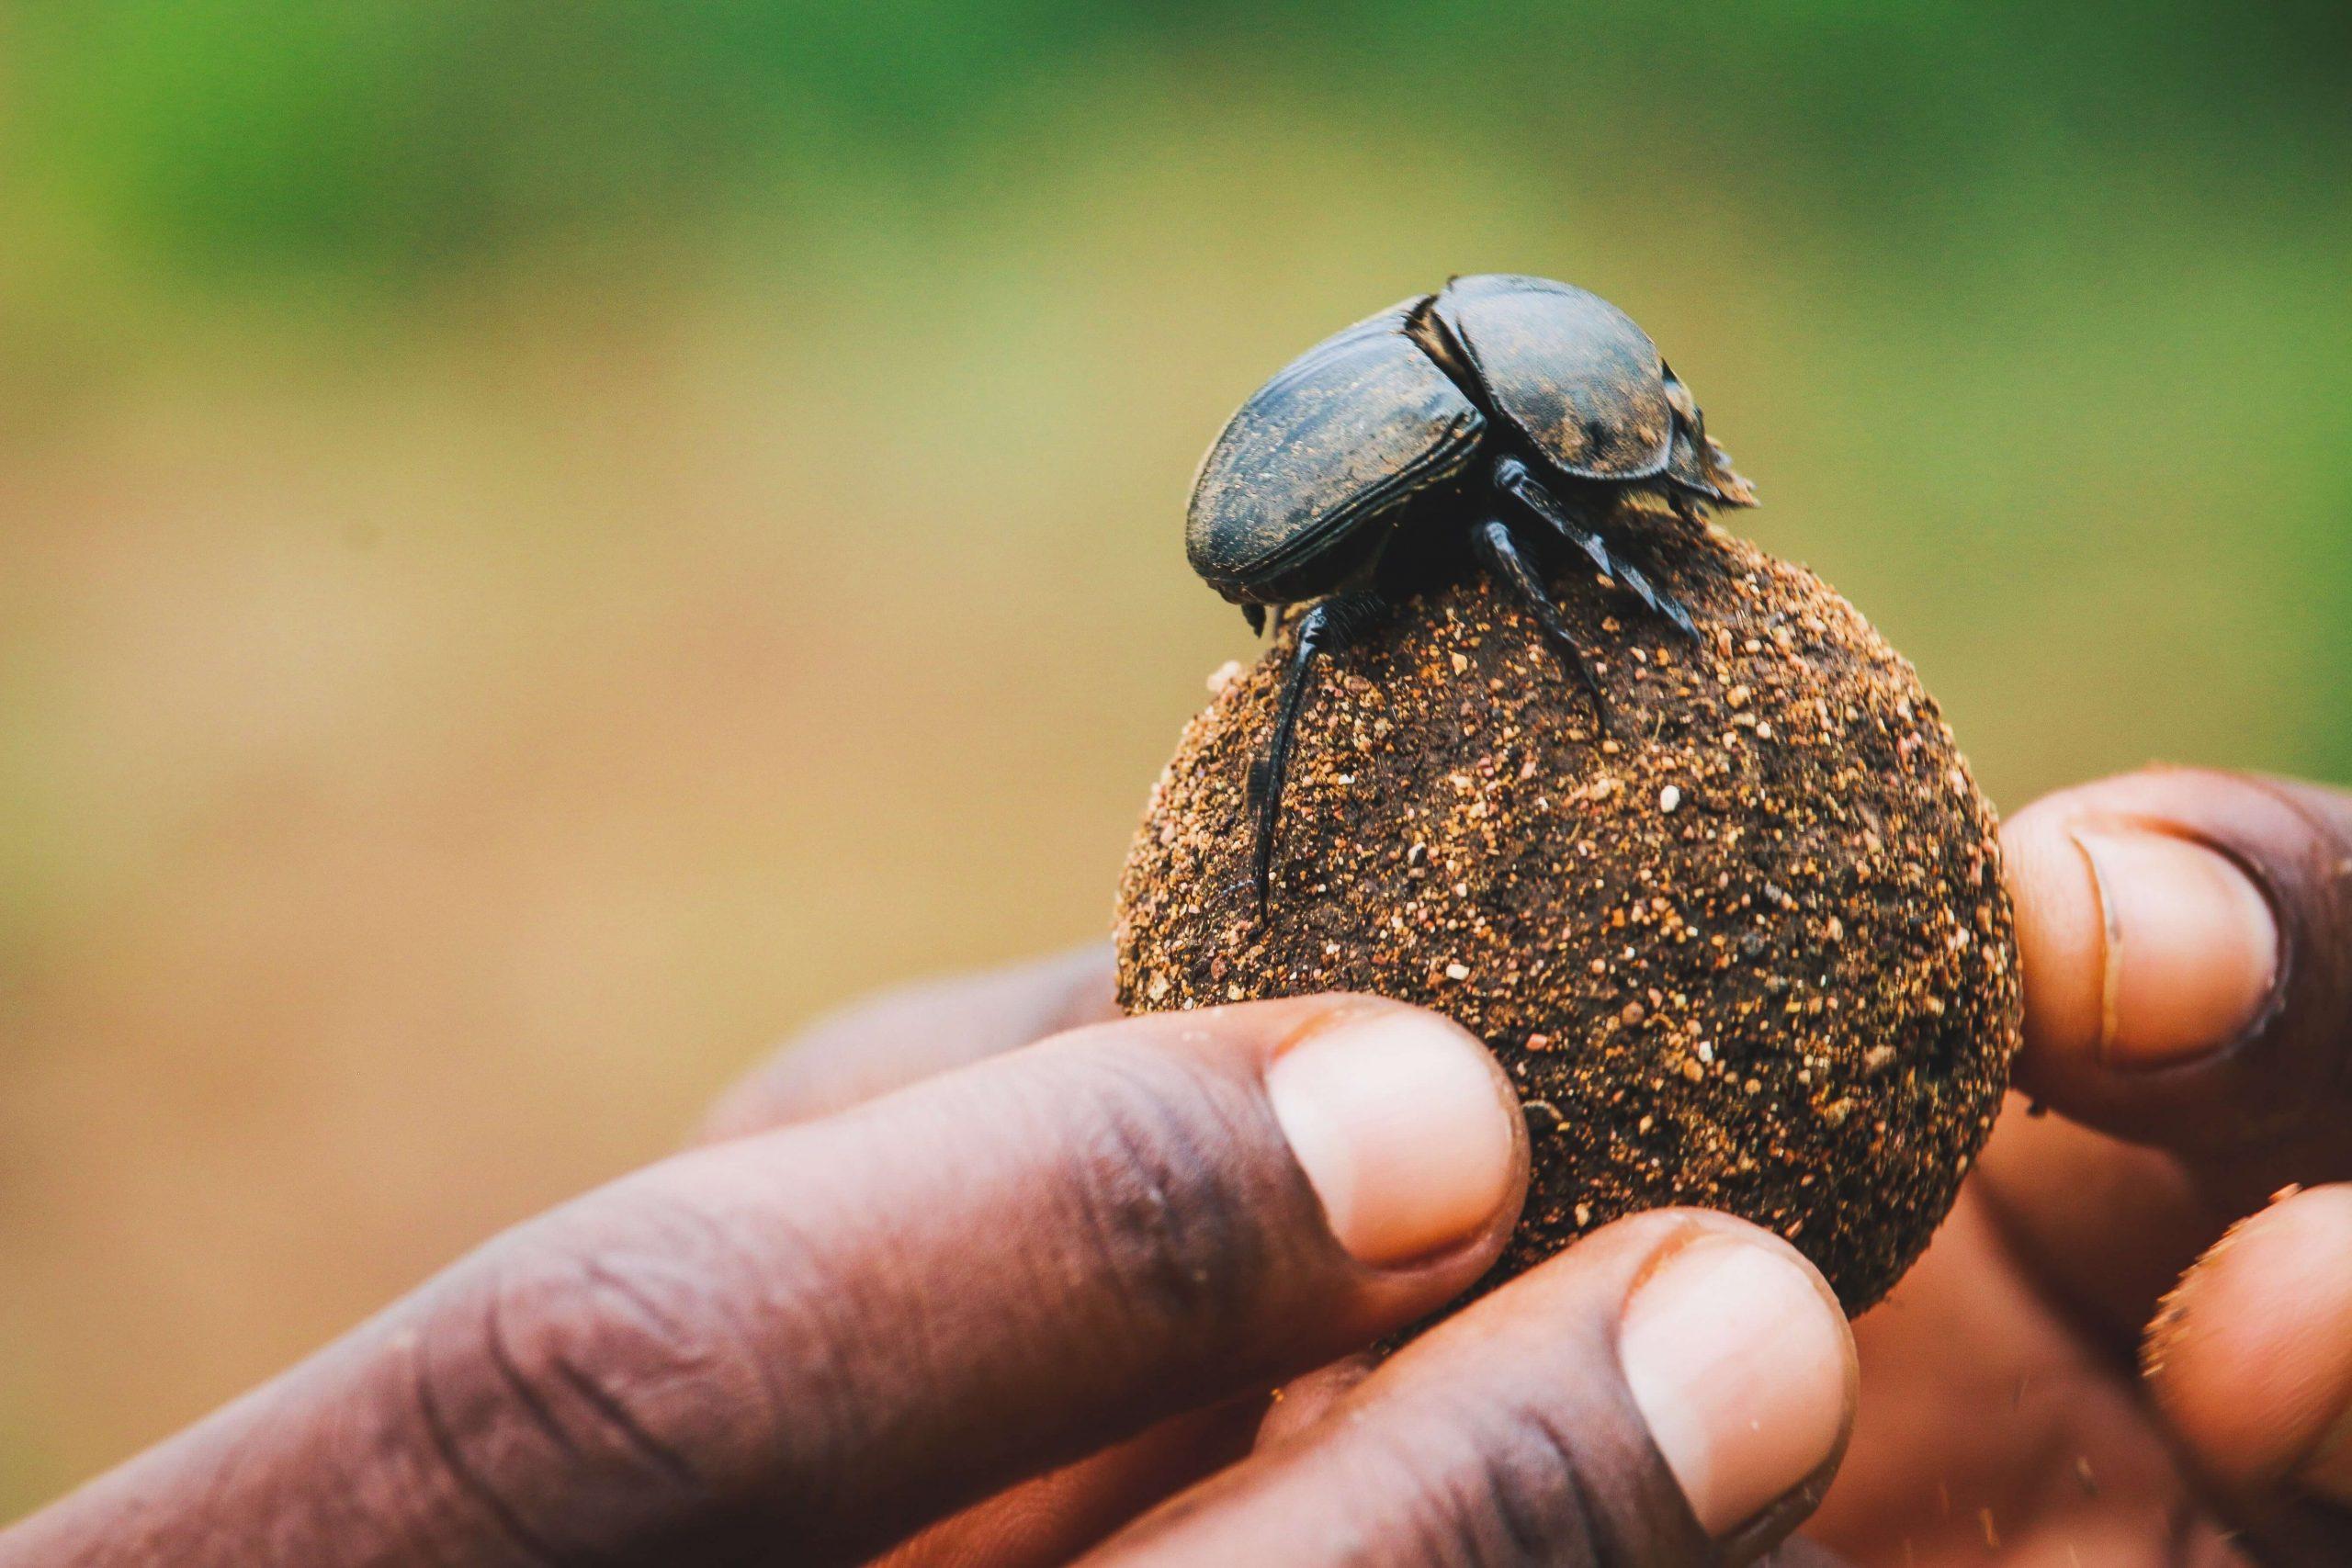 Dung beetle on dung ball